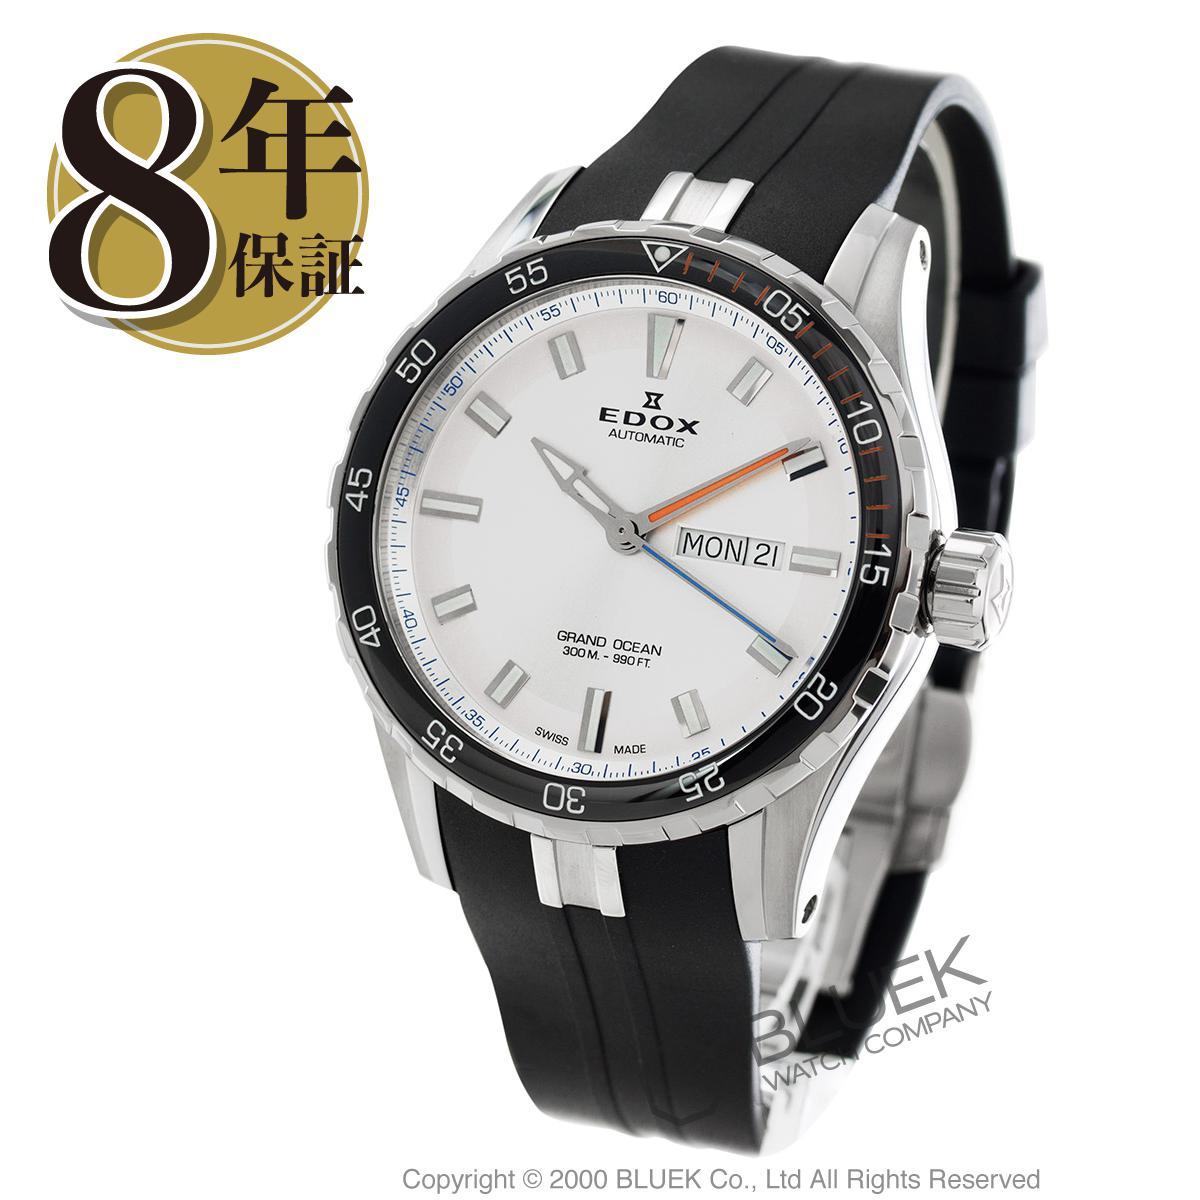 エドックス グランドオーシャン 300m防水 腕時計 メンズ EDOX 88002-3ORCA-ABUN_8